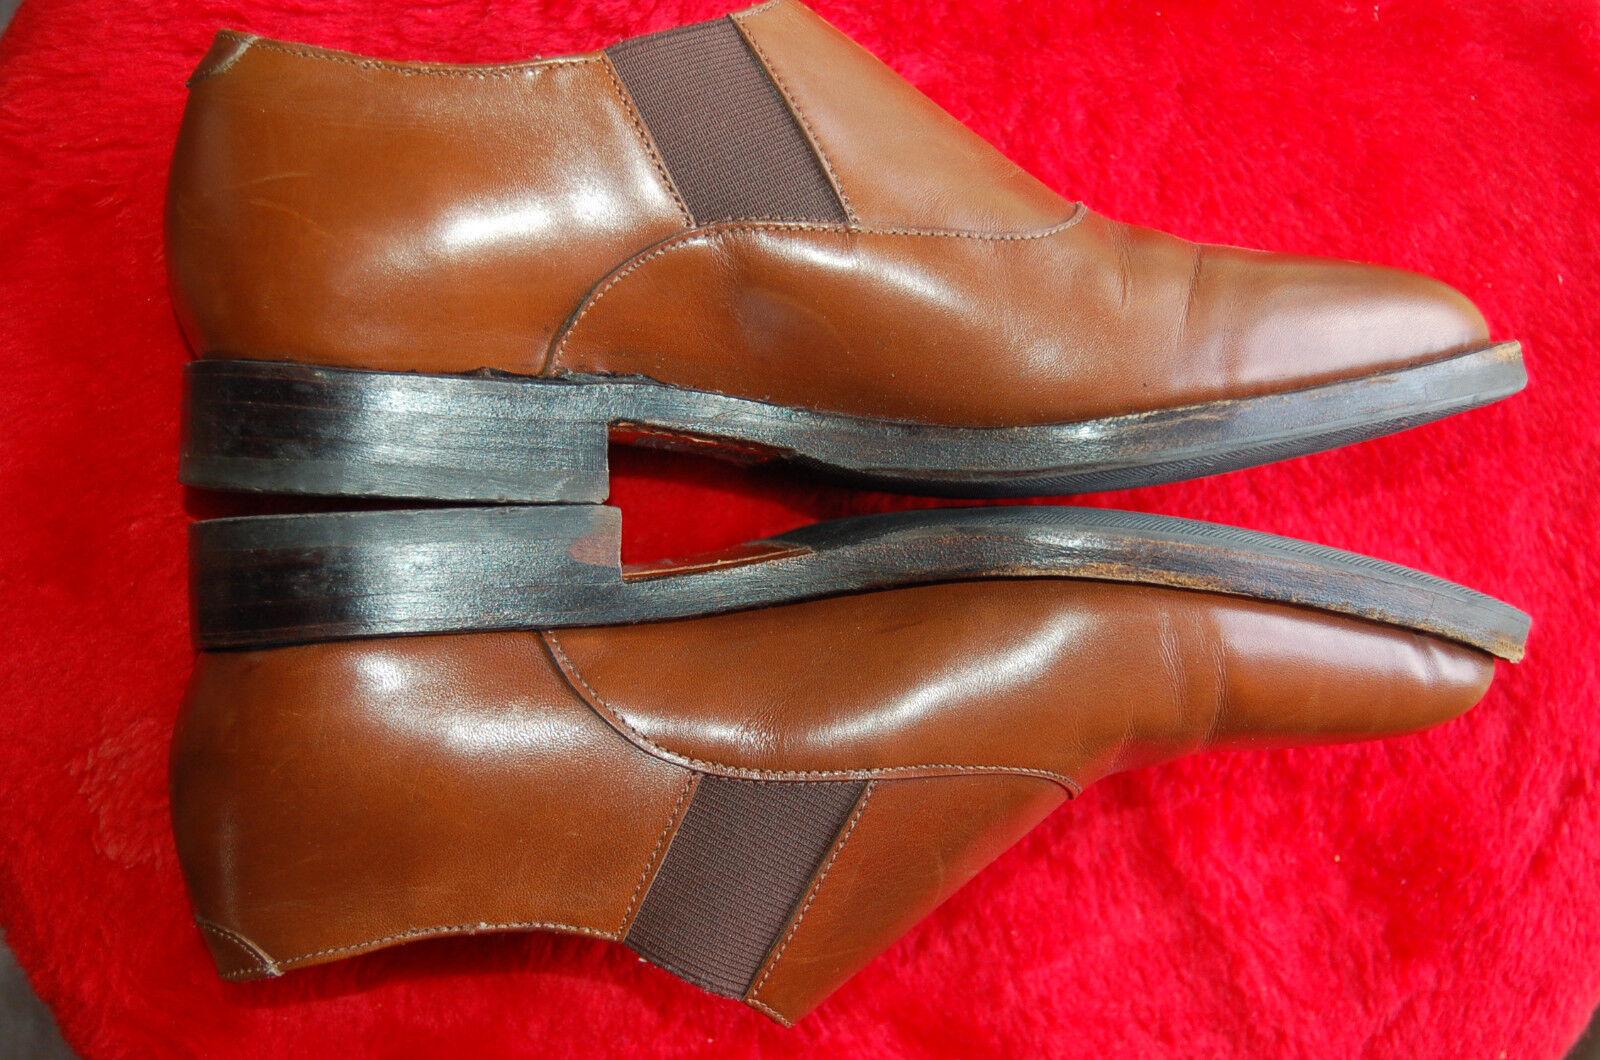 Zapatos casuales salvajes Descuento por tiempo limitado ZAPATOS HARDRIGE PARÍS CUERO MUJER - MARRÓN CLARO - 25,3 CM DE LARGO Y